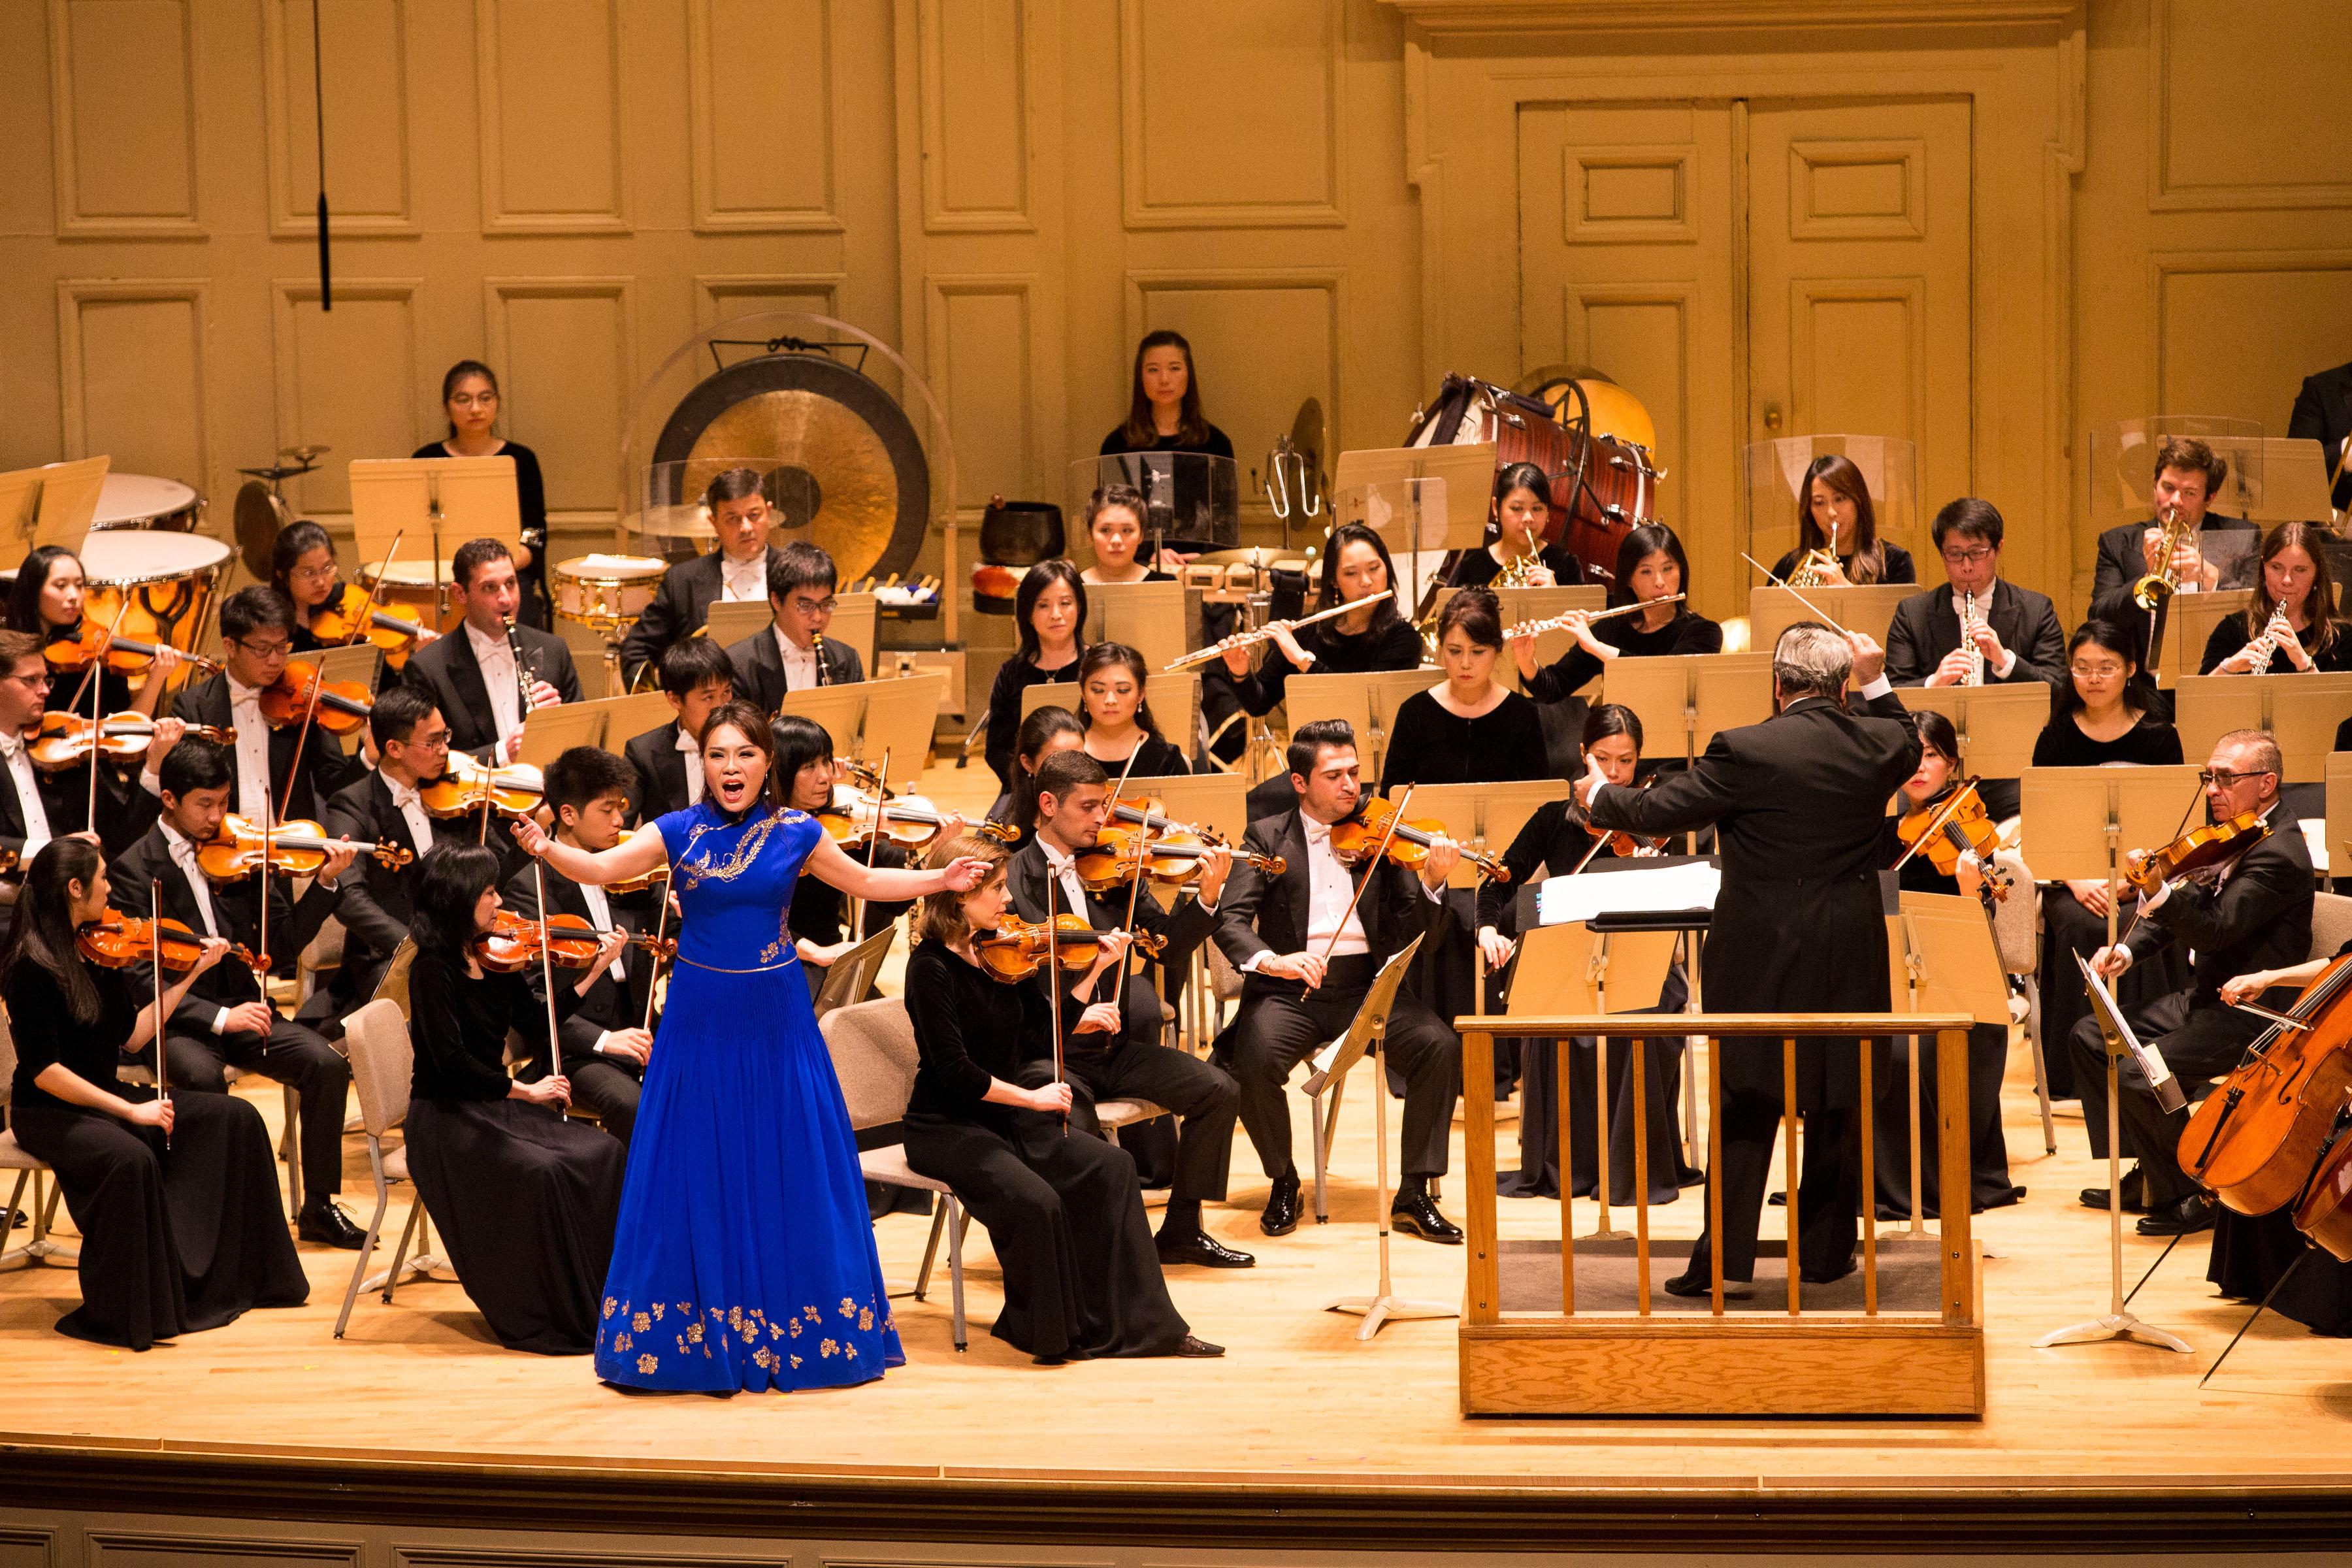 2017年10月13日,神韻交響樂團在波士頓交響樂廳演出。圖為女高音歌唱家耿皓藍的演出。(戴兵/大紀元)